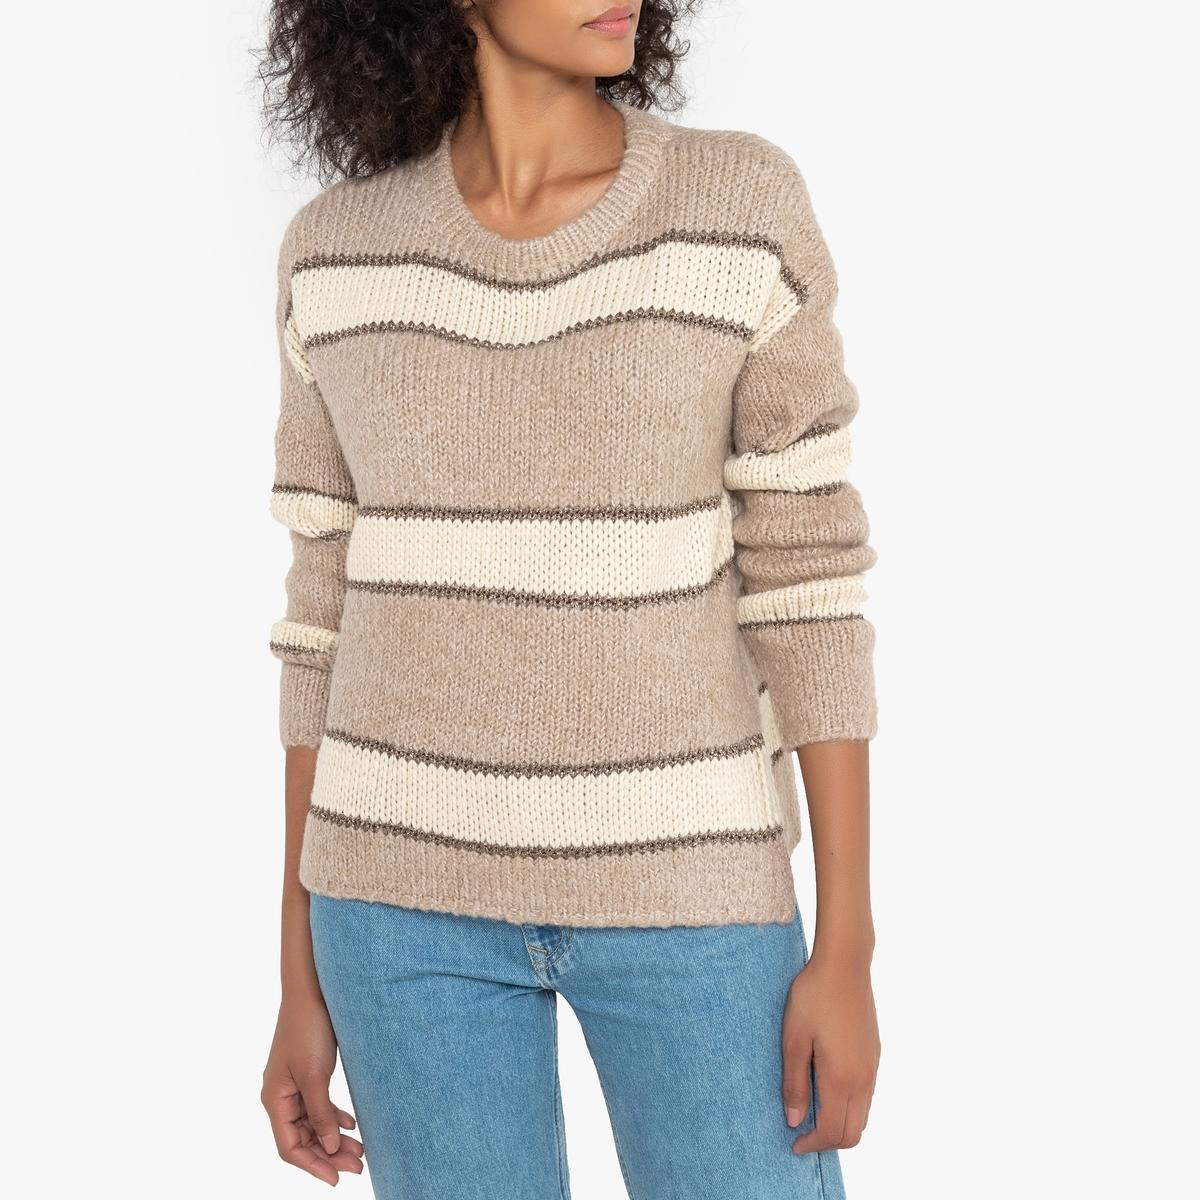 Пуловер La Redoute Из плотного трикотажа с круглым вырезом с полосками M бежевый пуловер la redoute с круглым вырезом из плотного трикотажа 3xl бежевый